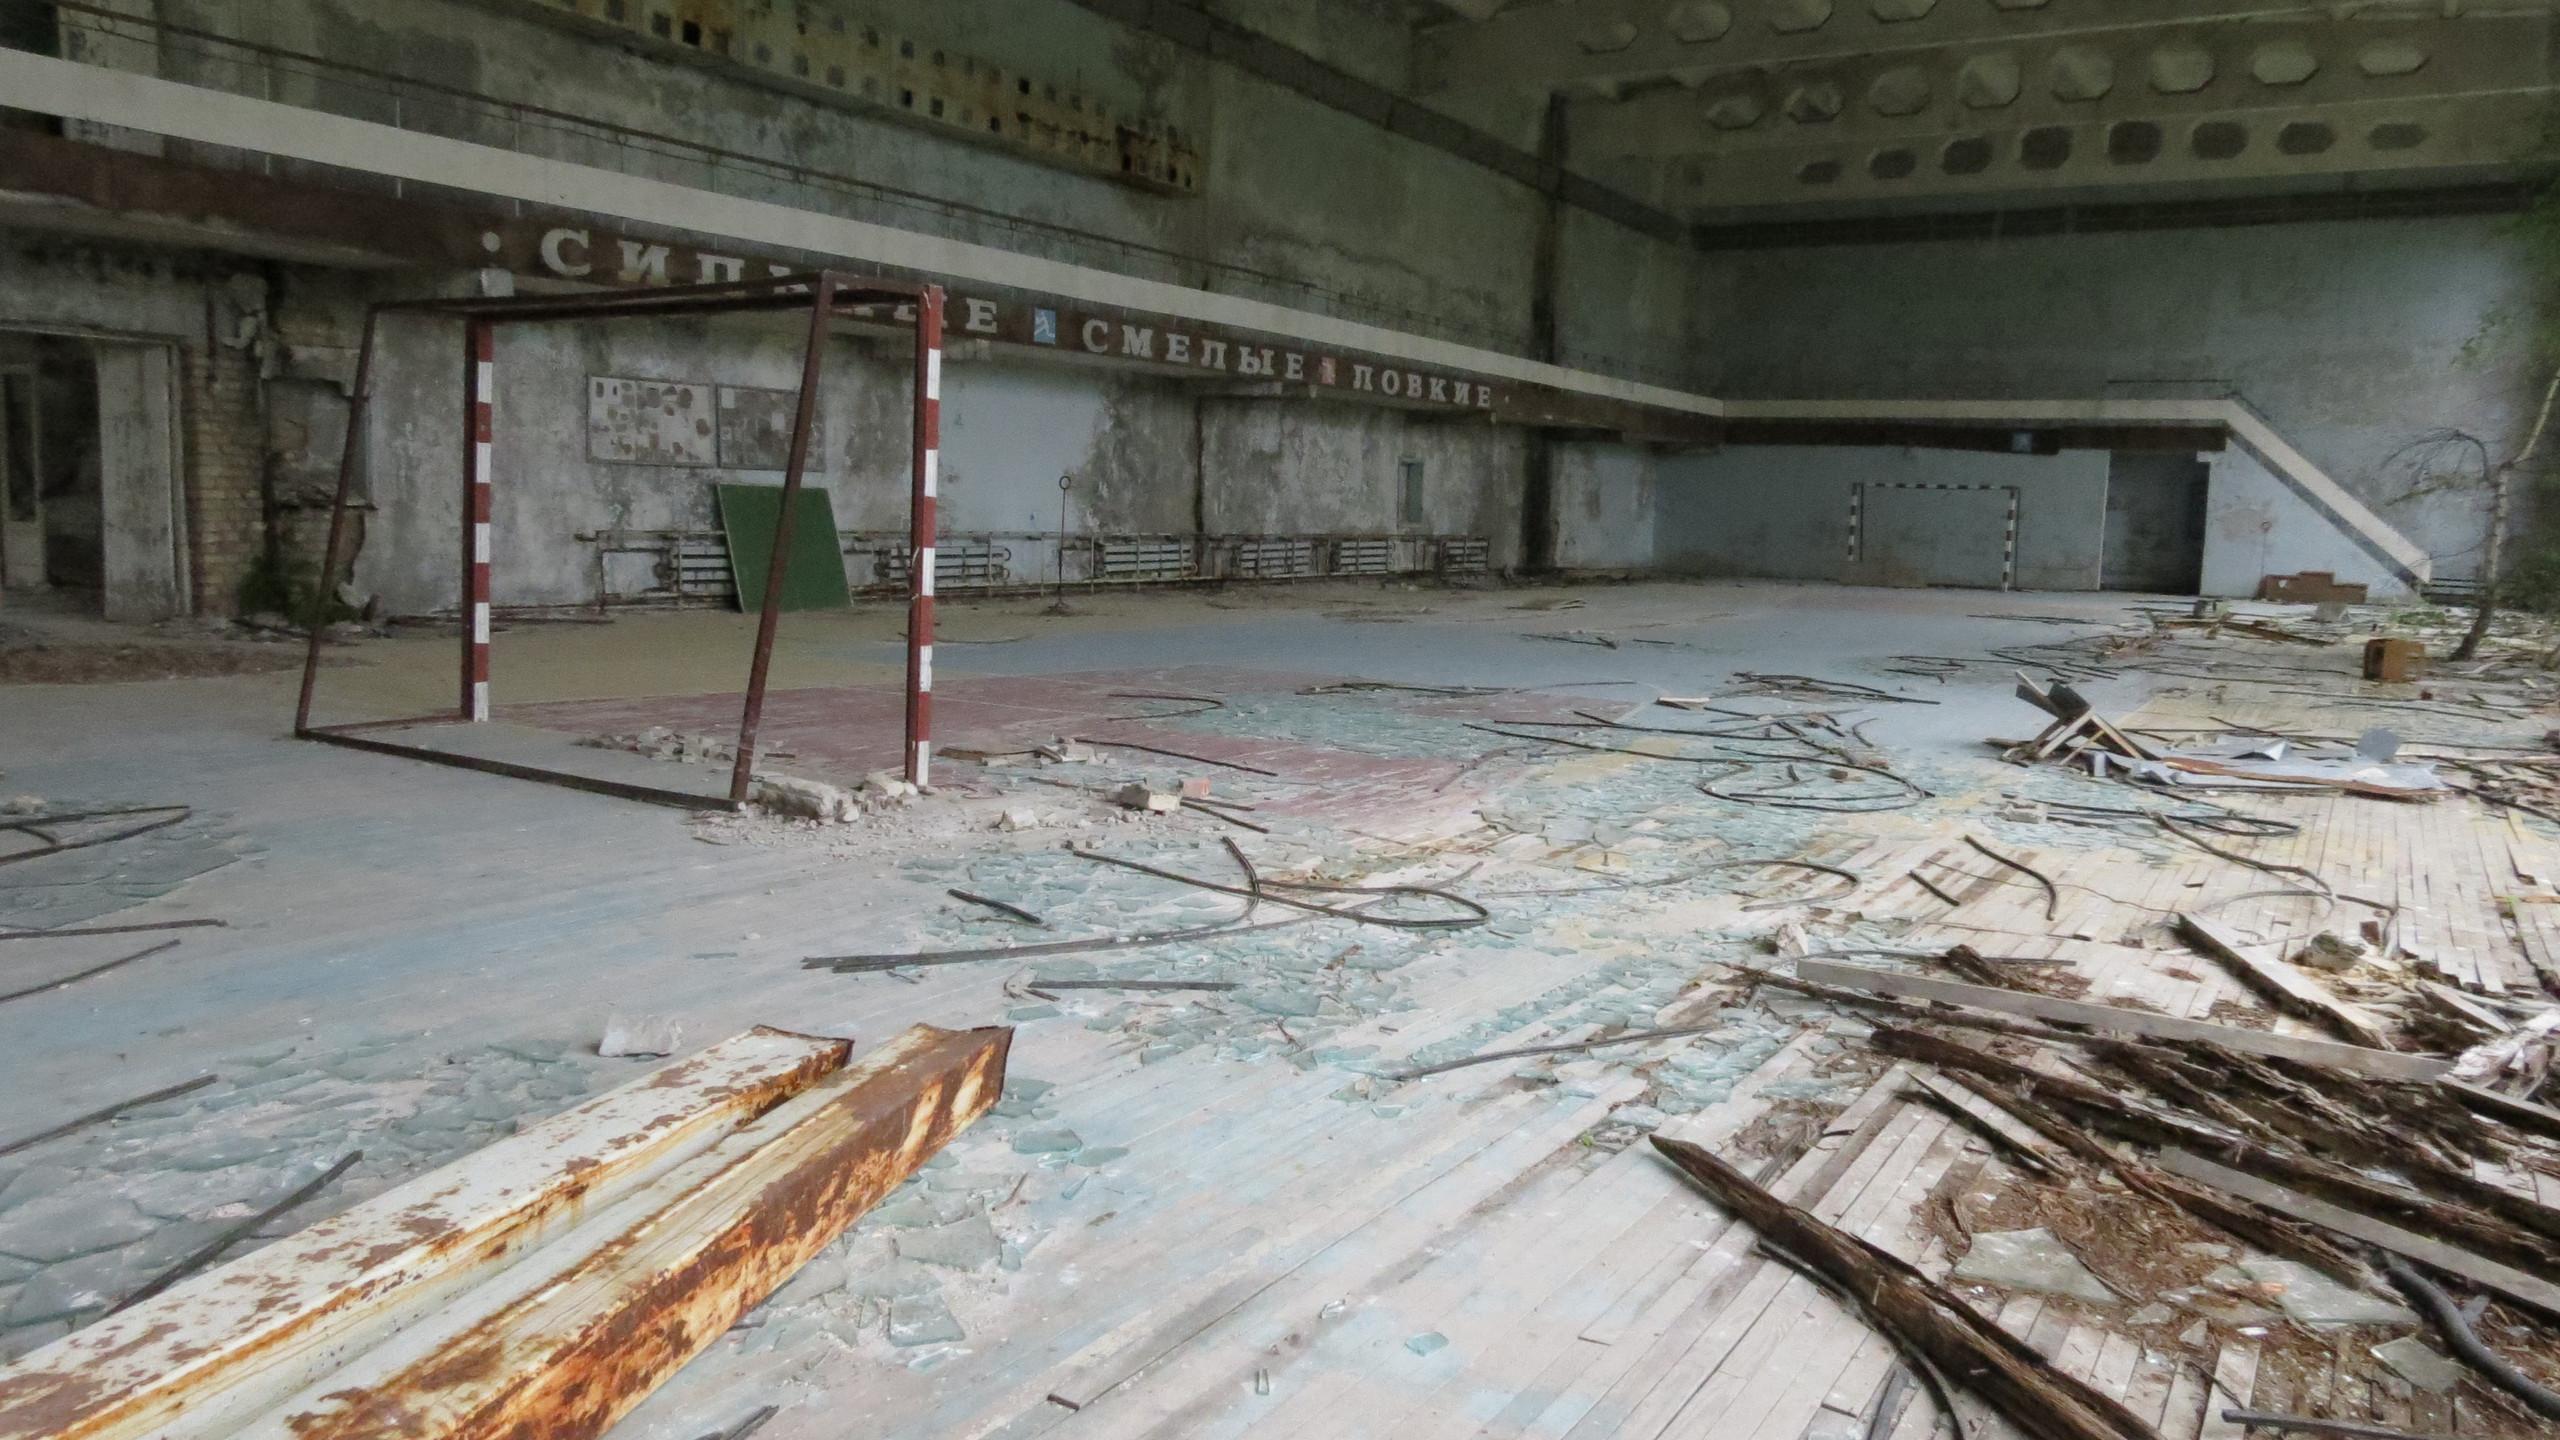 325 - Chernobyl